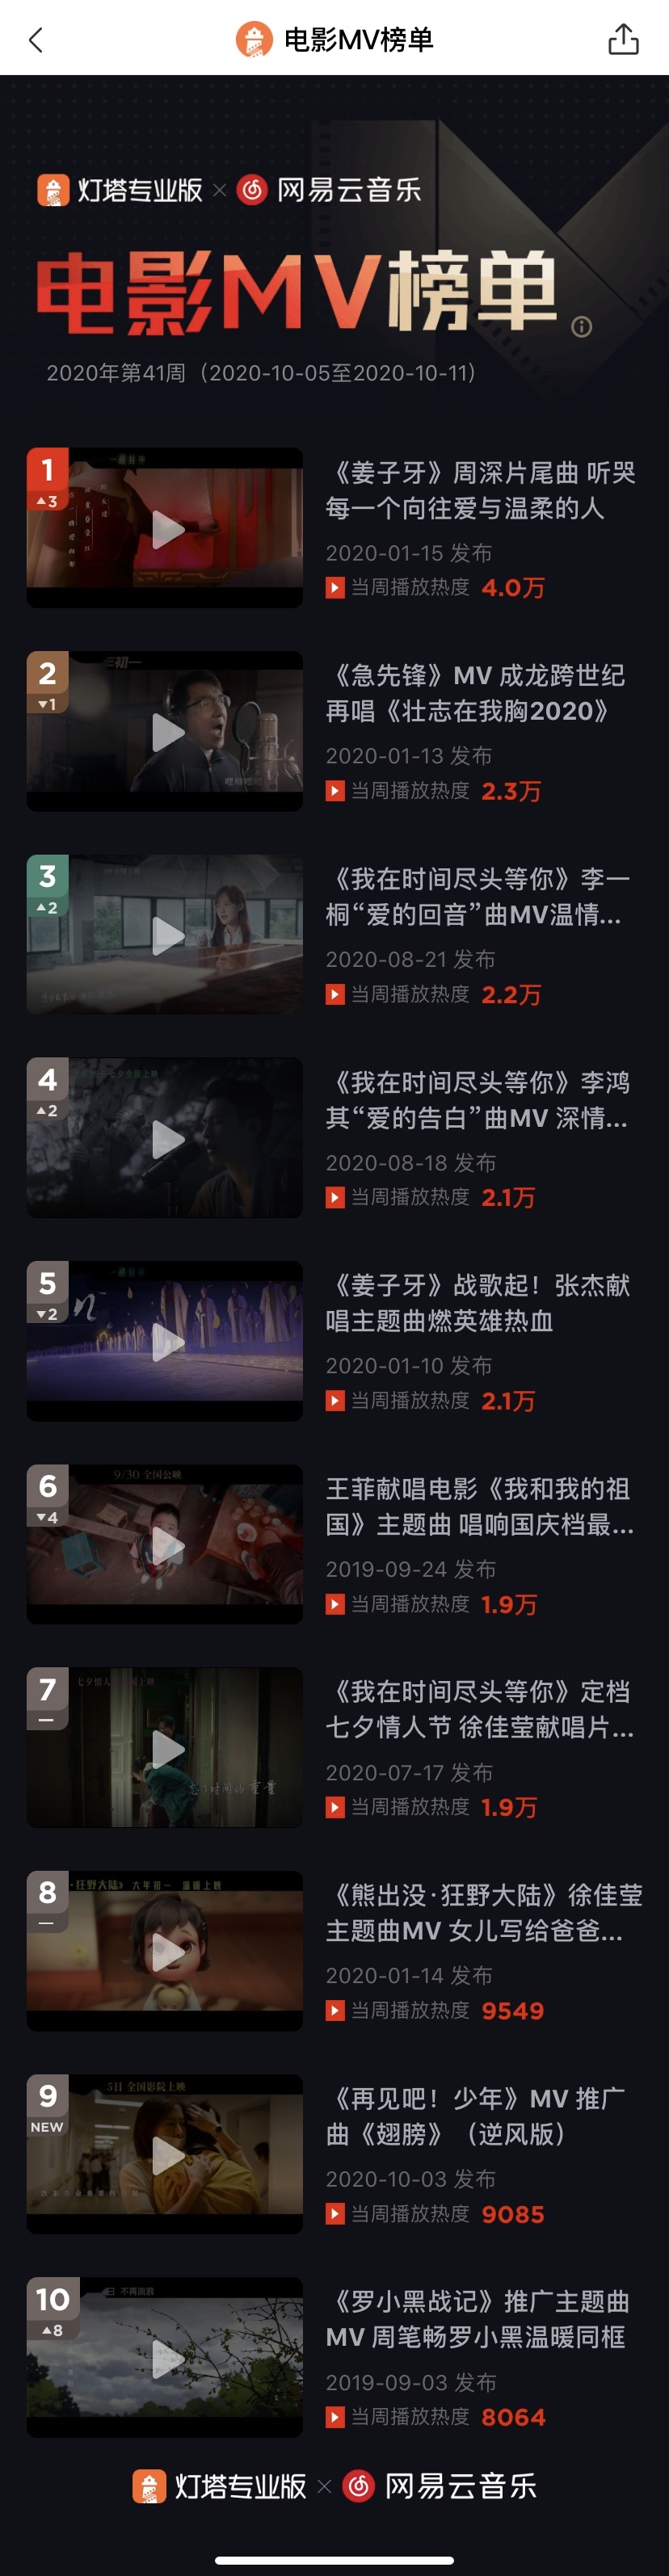 一周電影MV榜|《薑子牙》周深片尾曲MV登頂-圖2